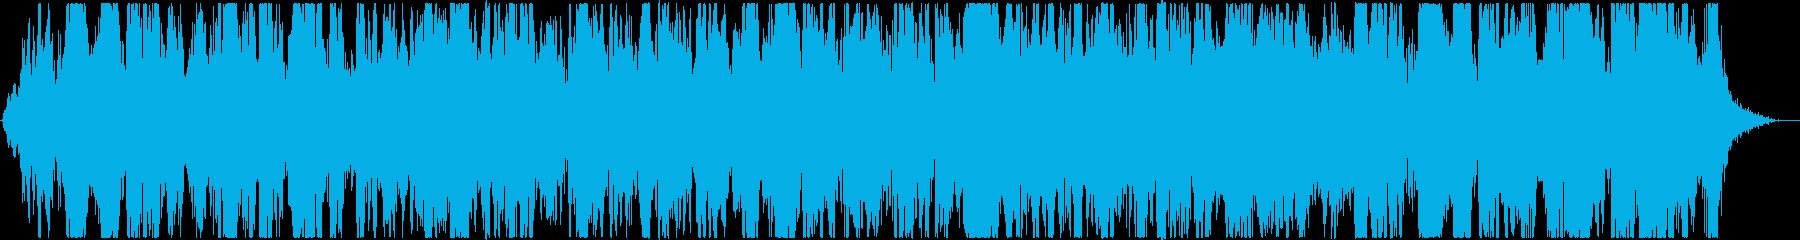 イメージ 地下鉄ハイ03の再生済みの波形